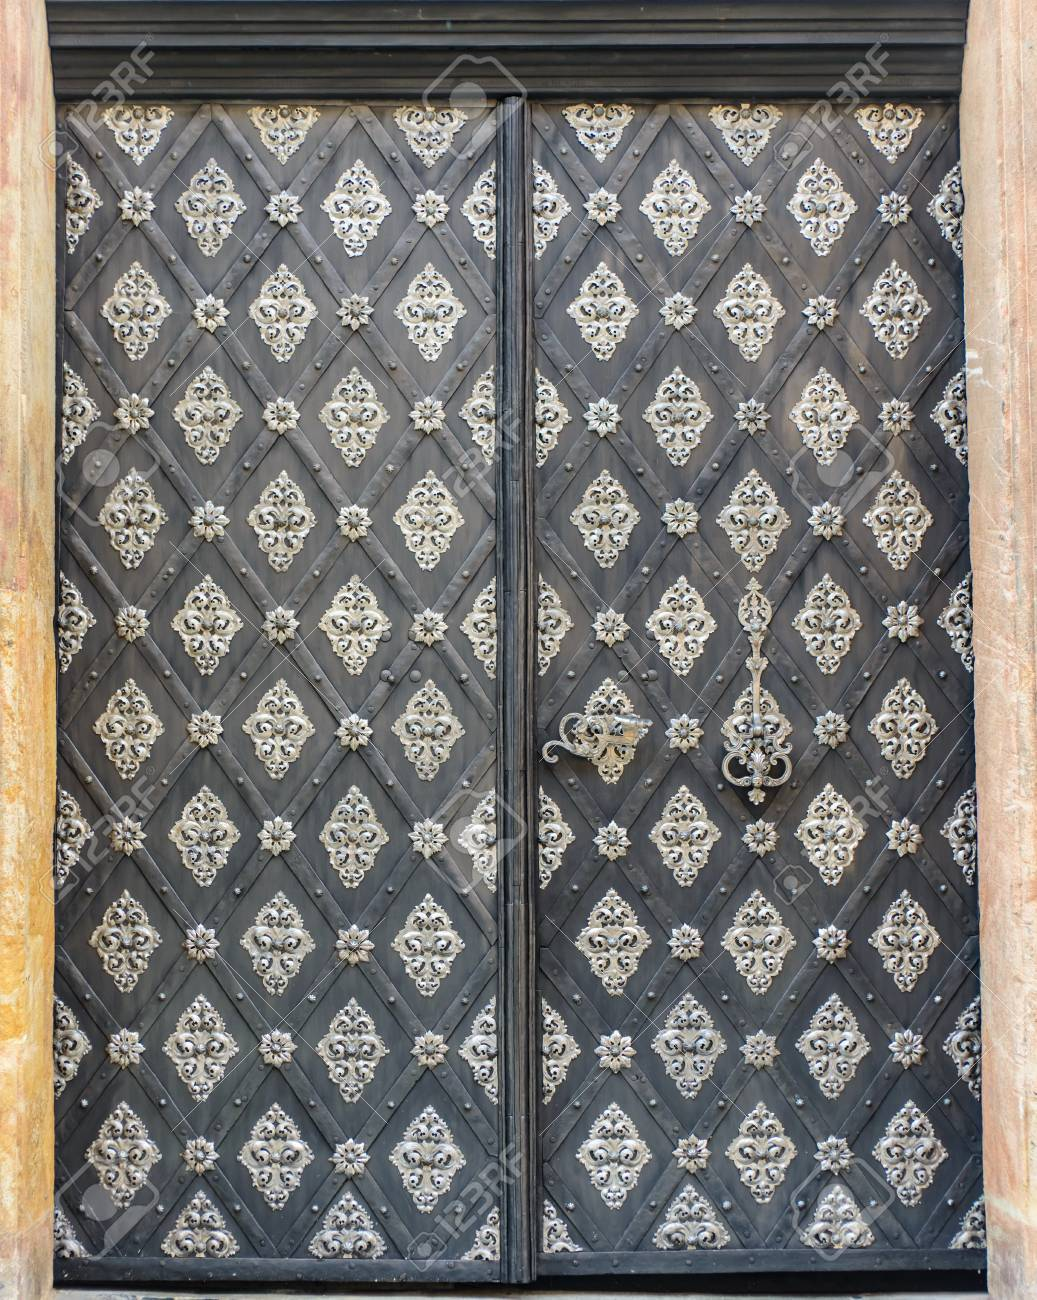 Doble Puerta Con Un Adorno De Metal Adornado En Un Patrón De ...